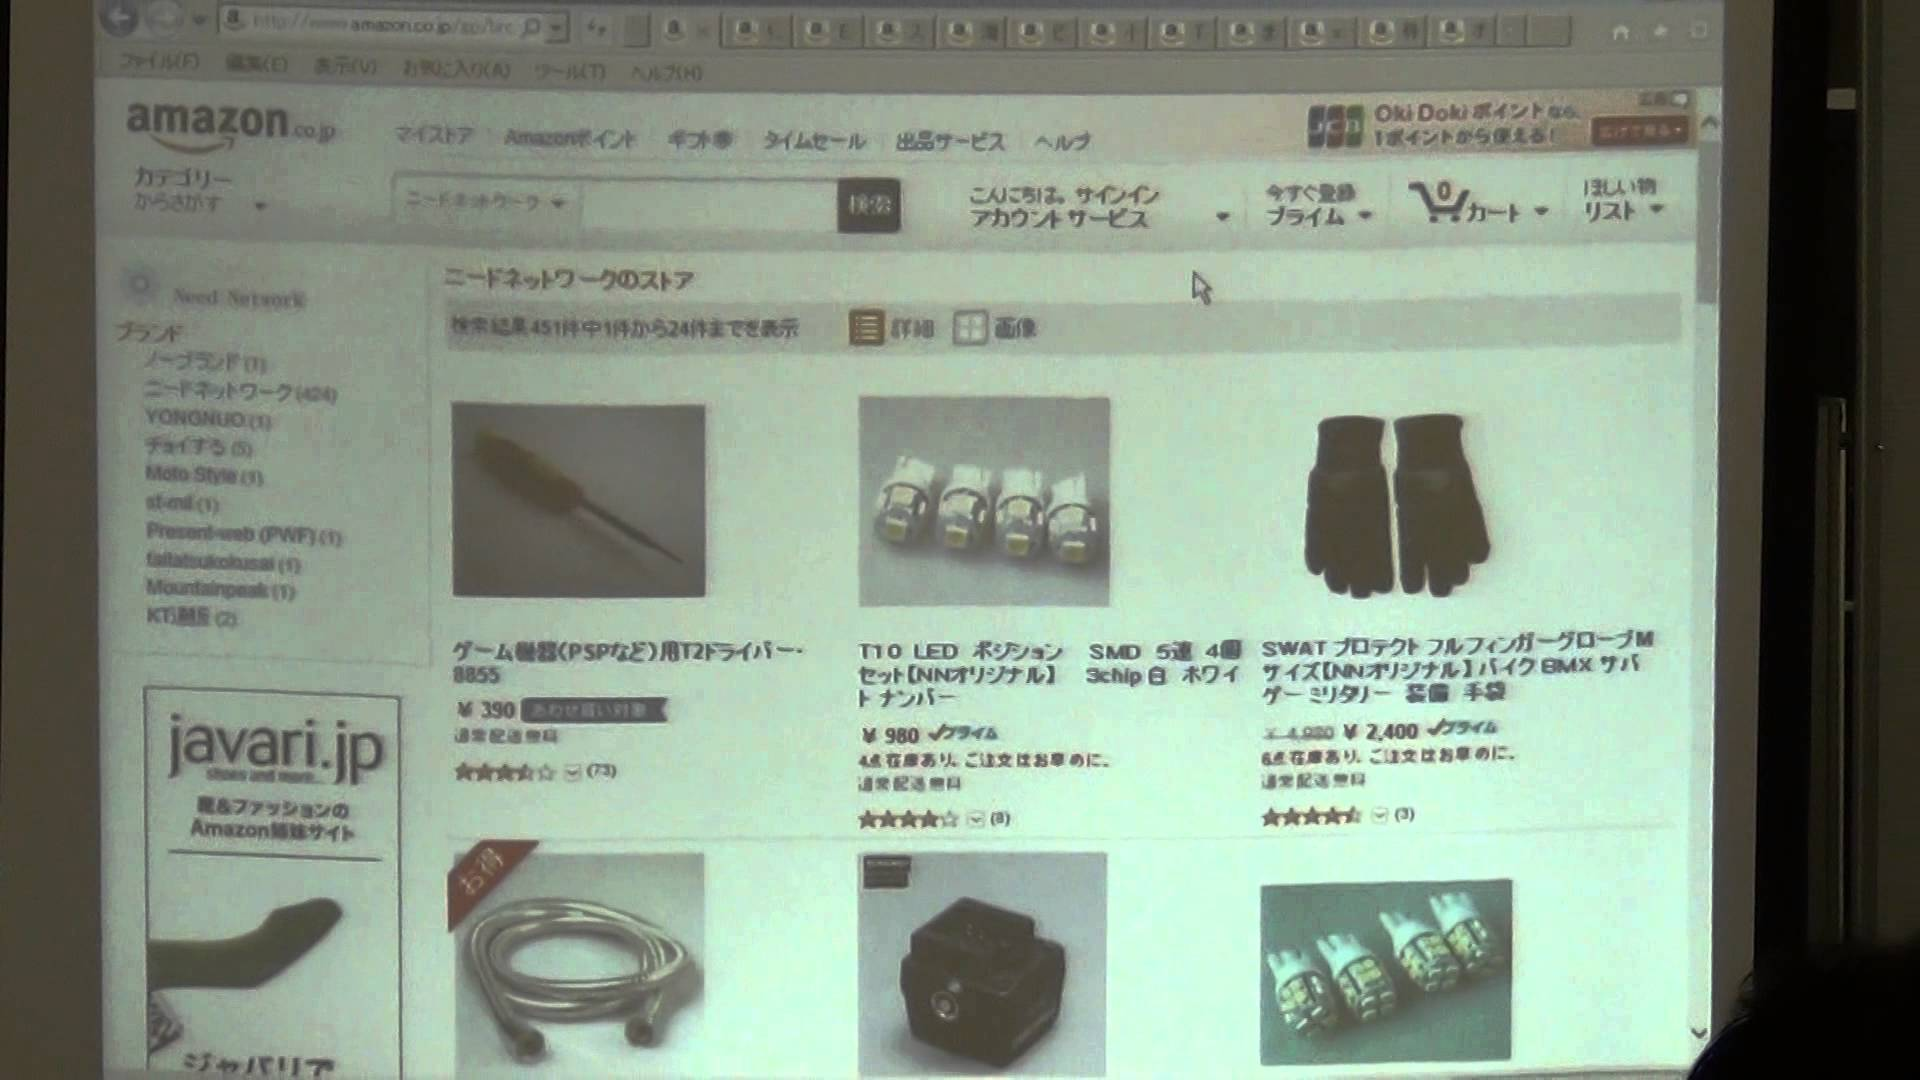 中国輸入大手のデータを盗んで模倣する